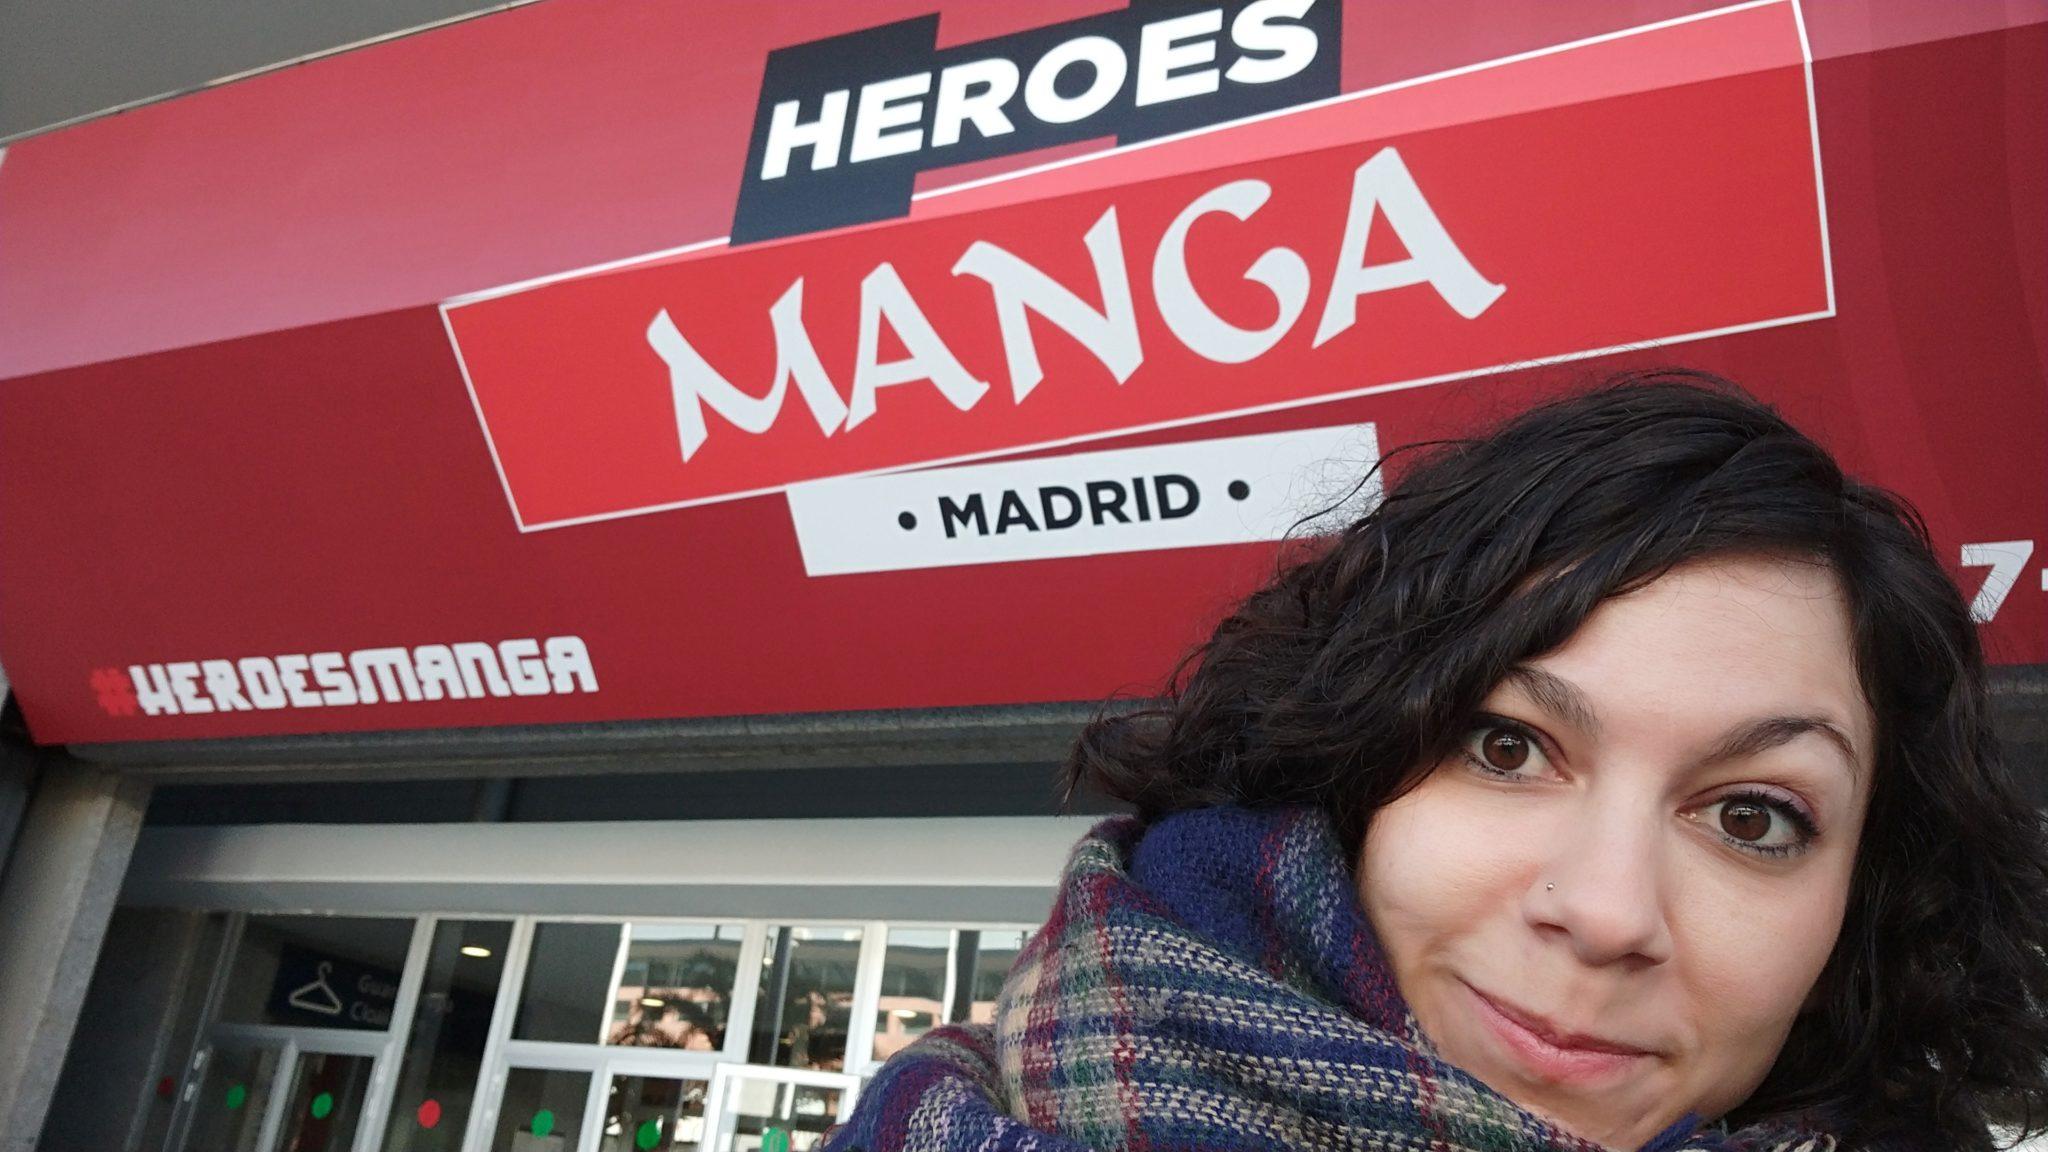 Juls en Heroes Manga Madrid